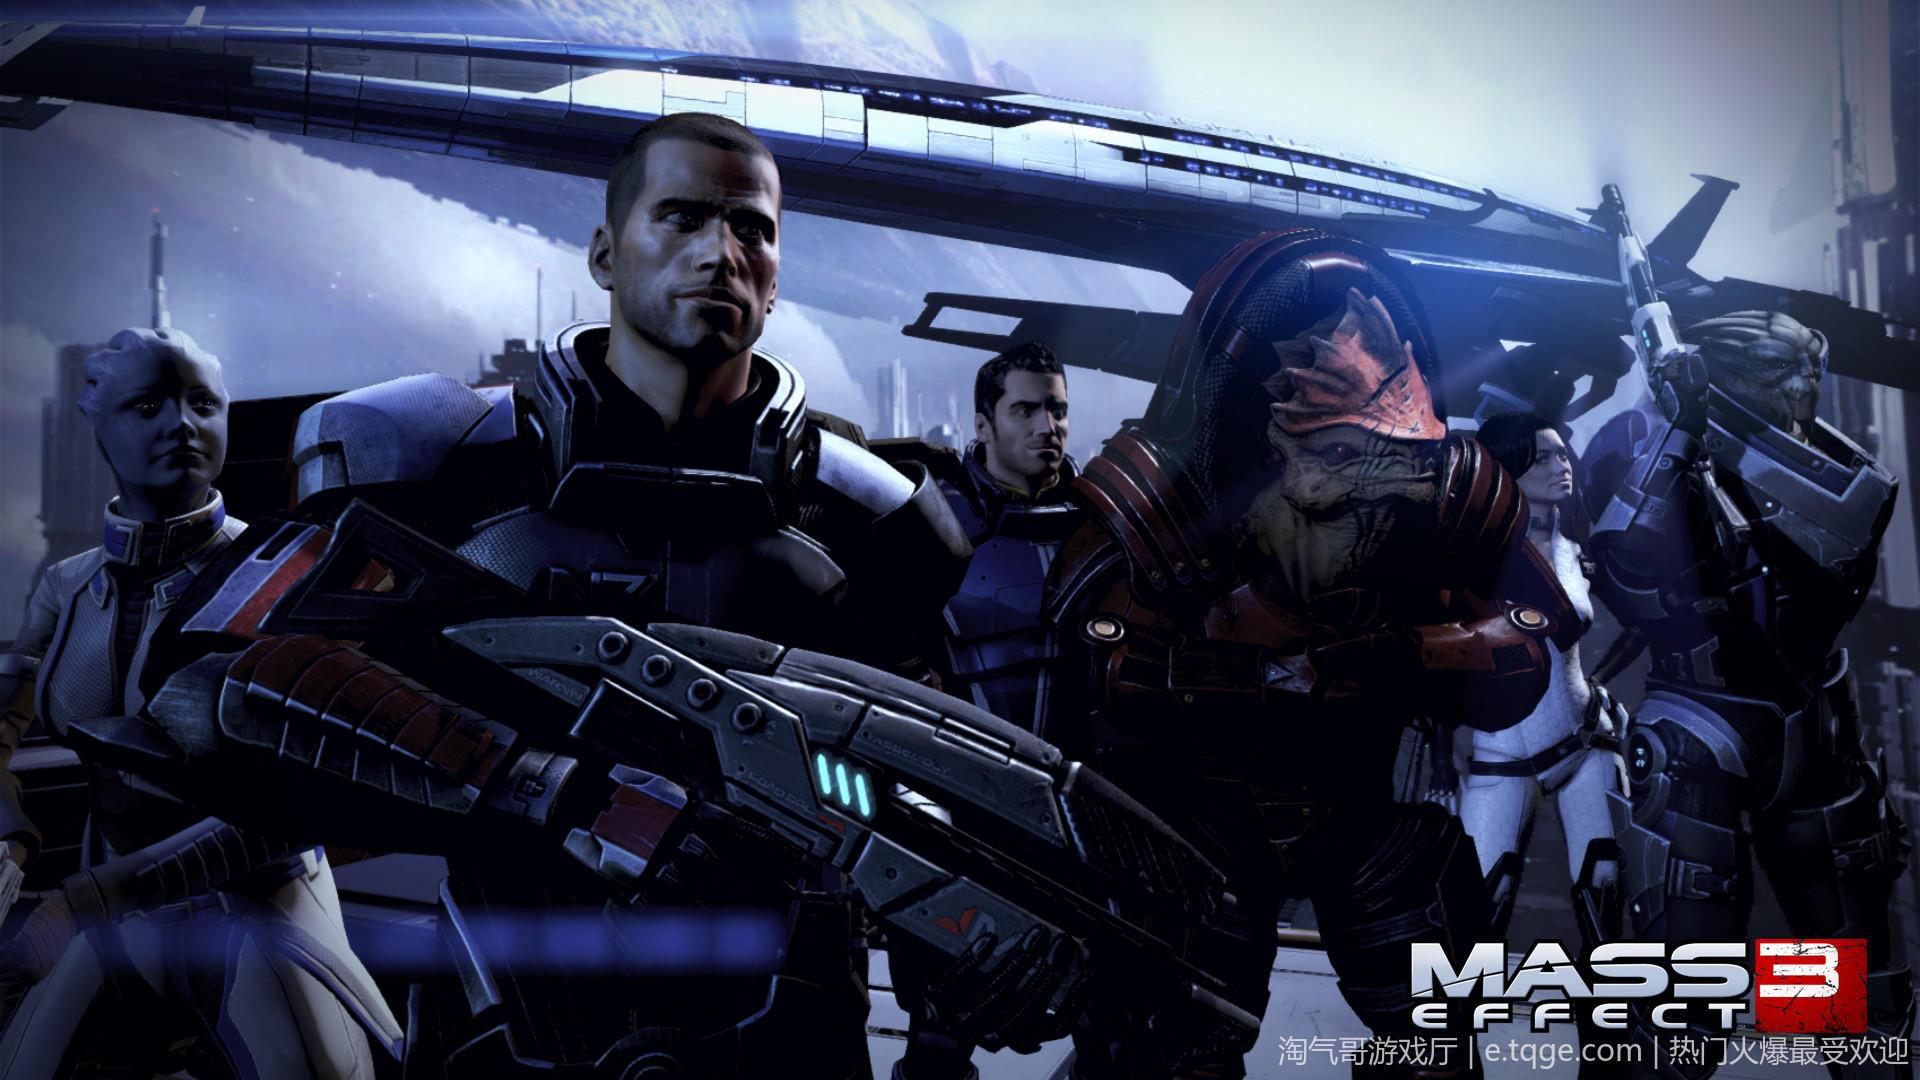 质量效应3/Mass Effect 3 动作冒险 第2张